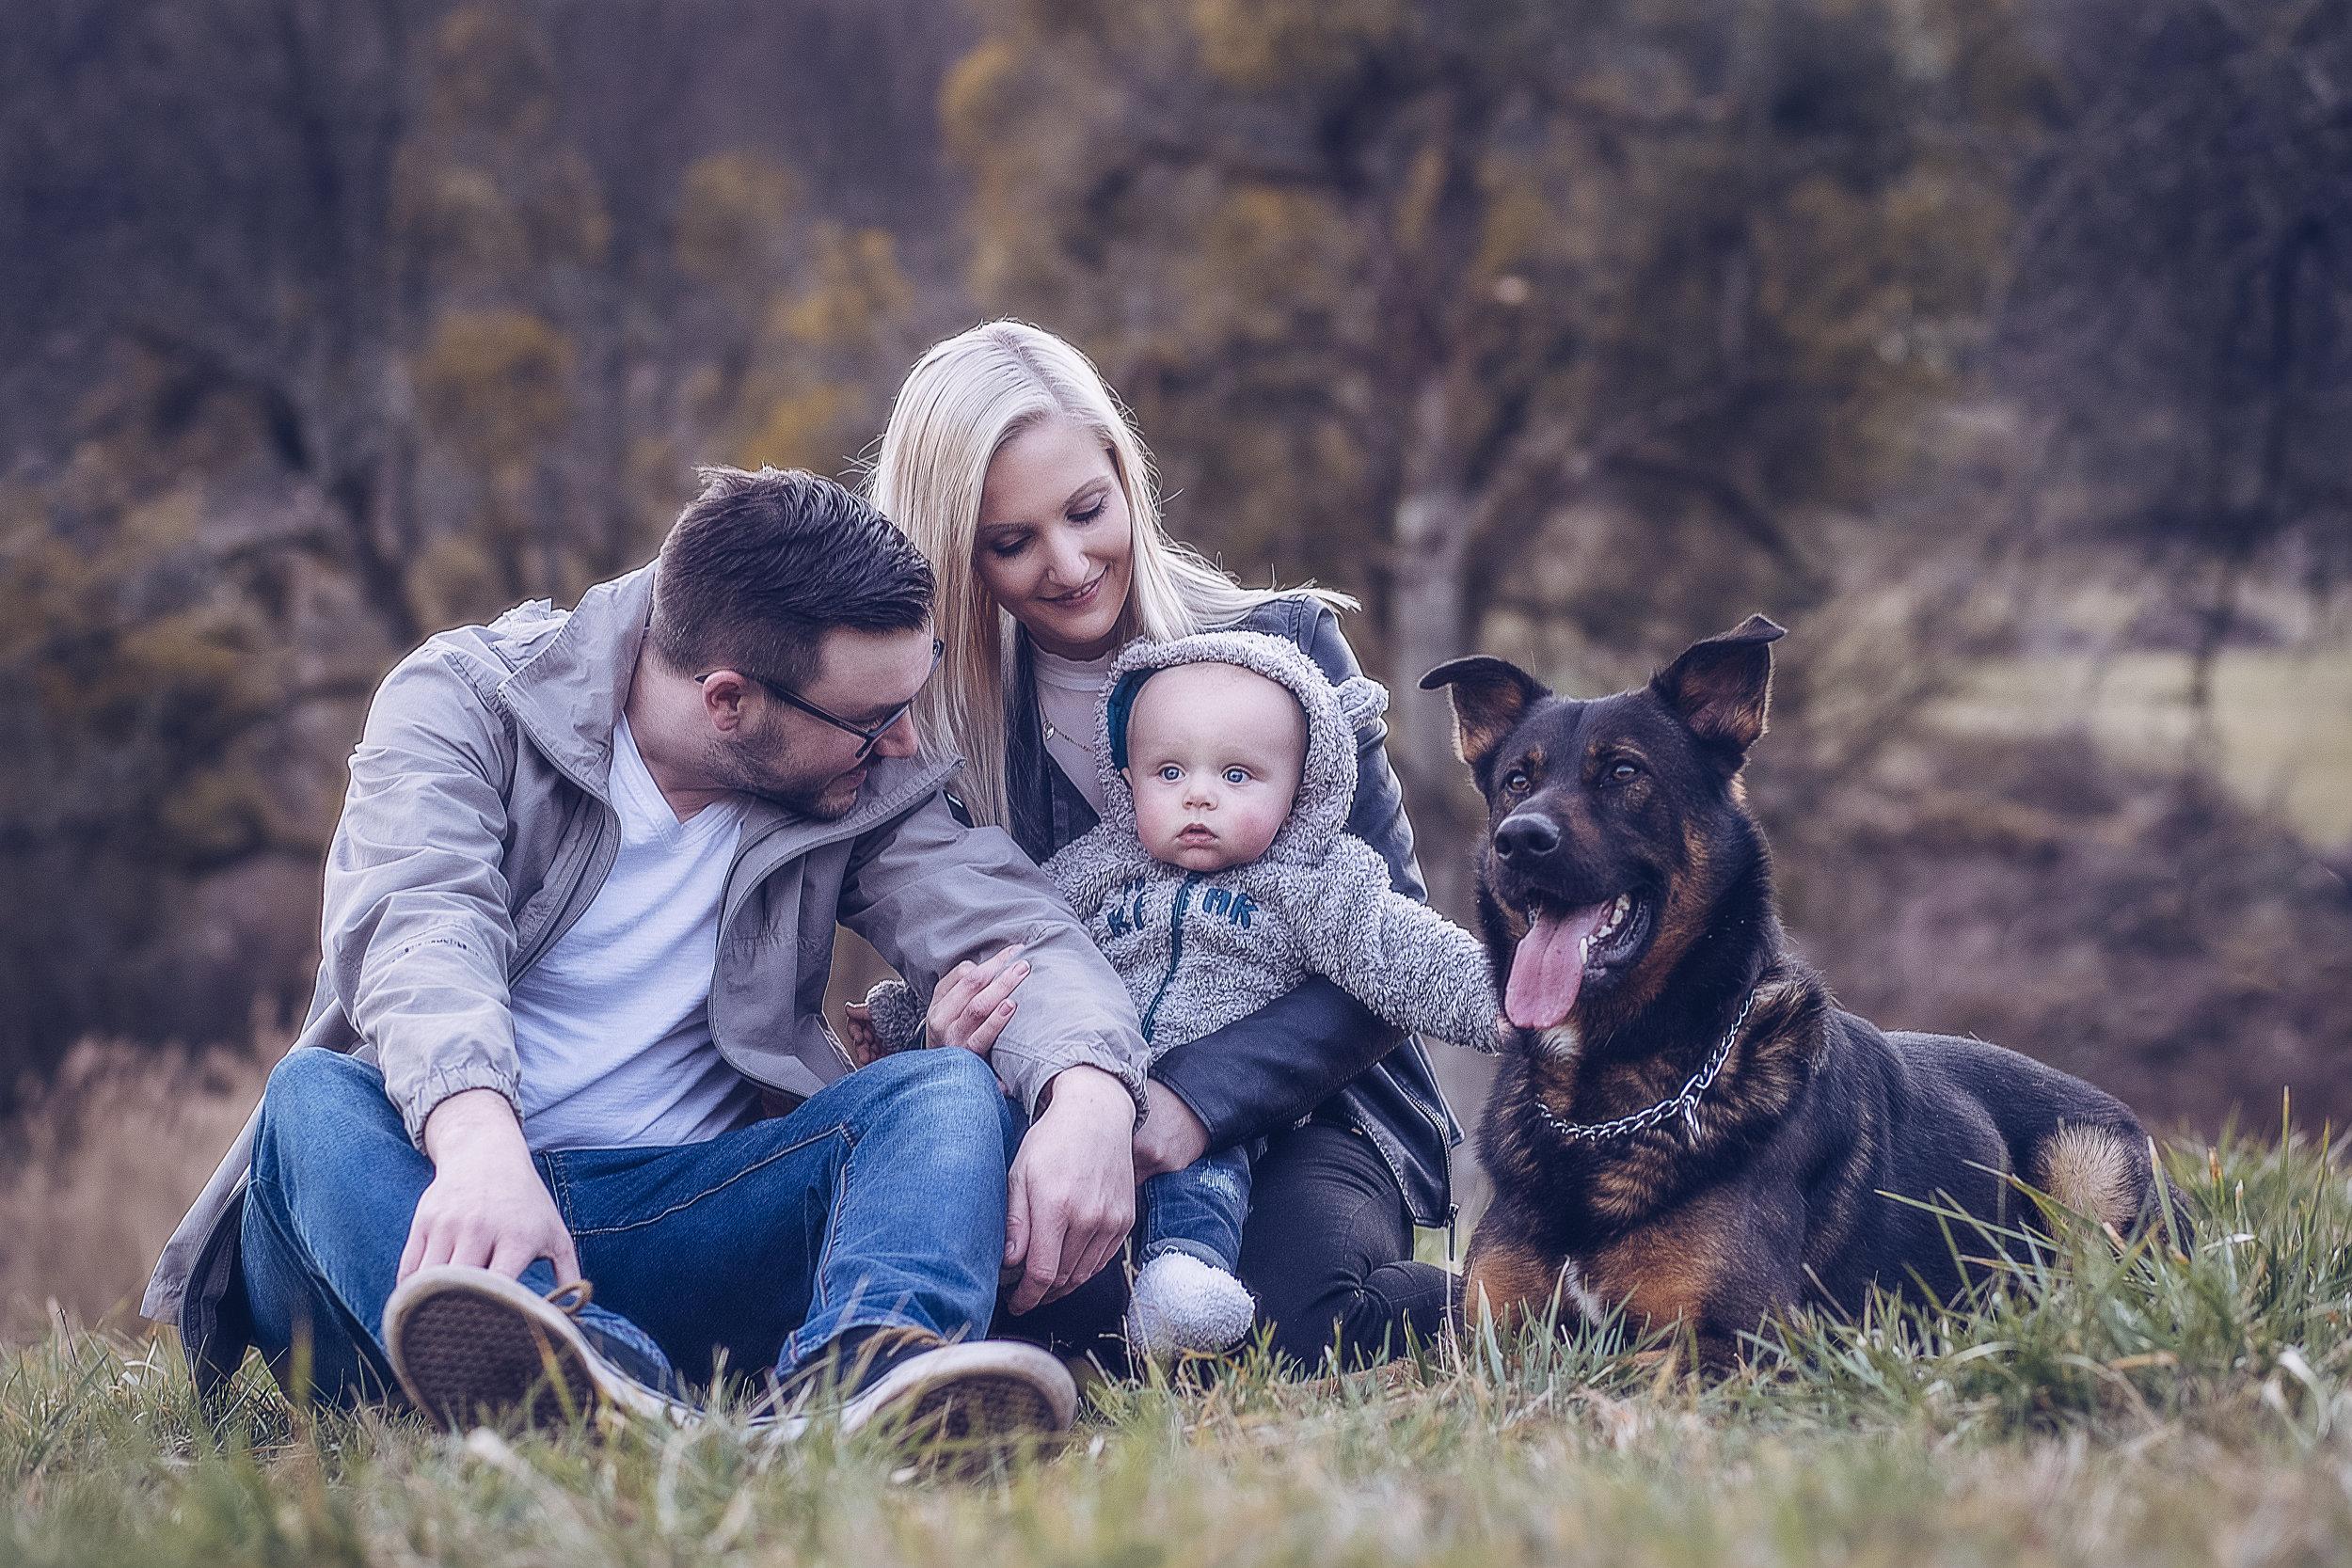 JenniferSpurkFotografie-Familyshooting - Paar mit Baby und Hund